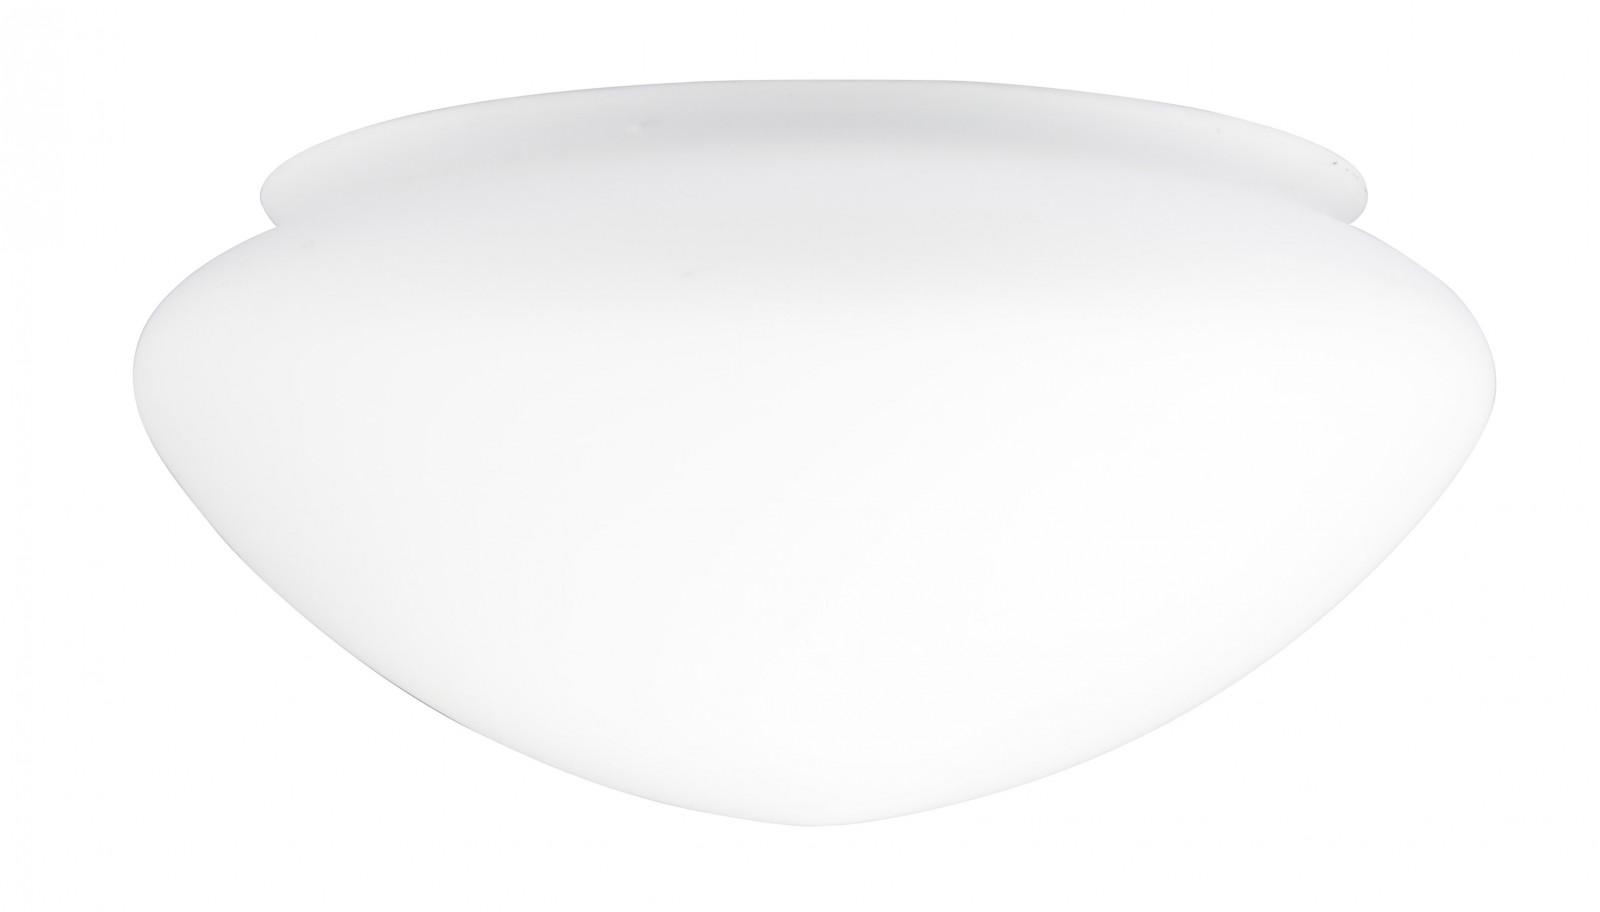 Globe de rechange pour turbo swirl turbo ii et palao ventilateurs de plafond pour particulier - Globe pour ventilateur de plafond ...